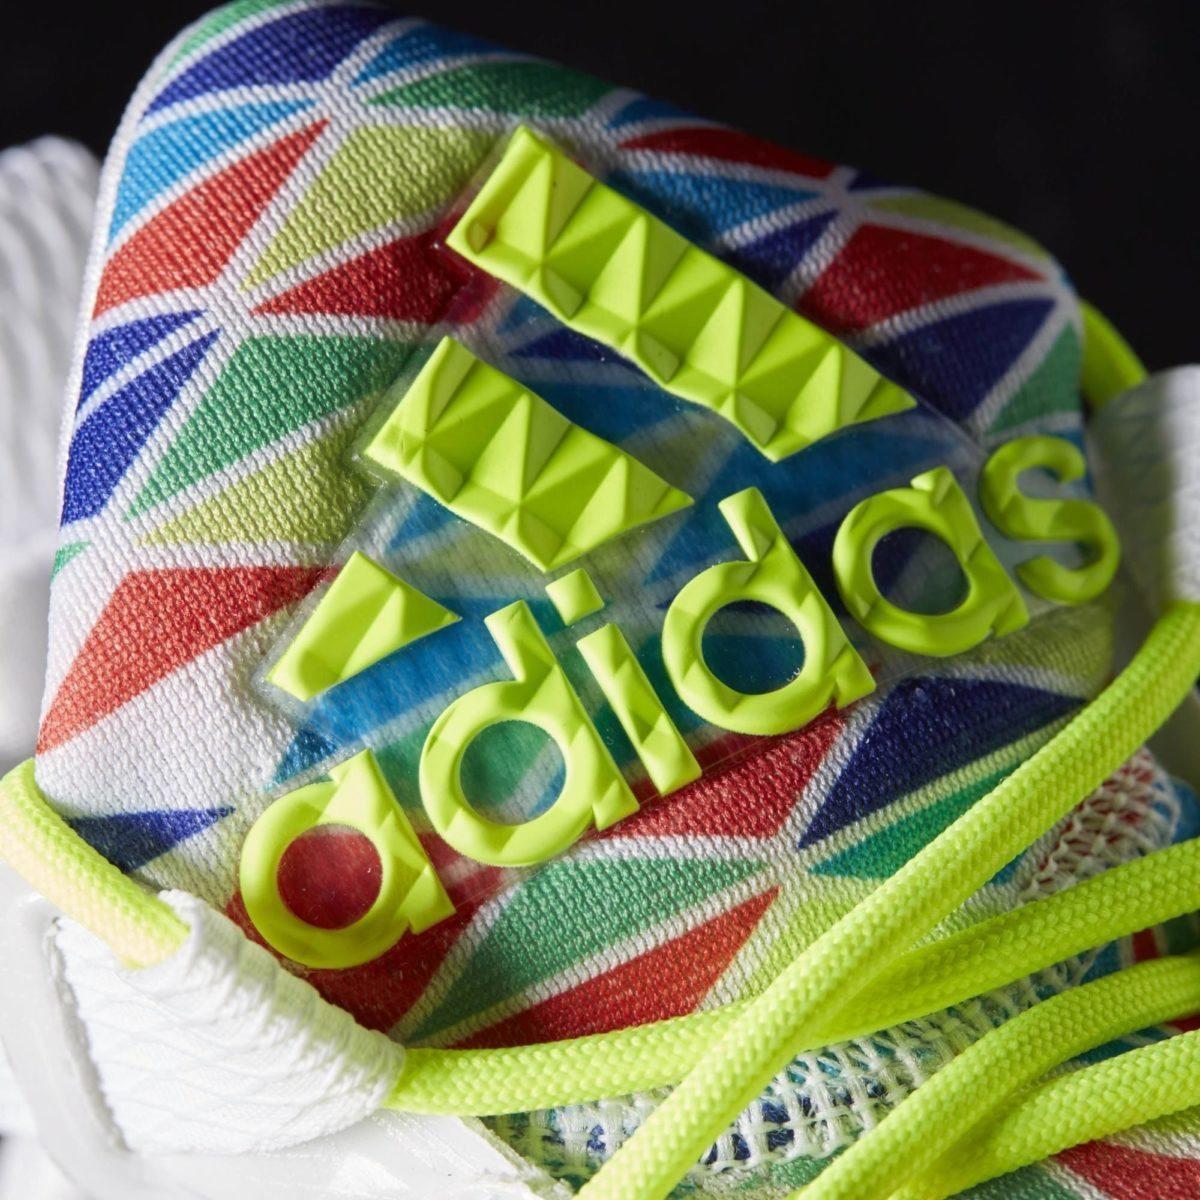 Adidas Crazyquick Laxas Mediados Tacos DY840u